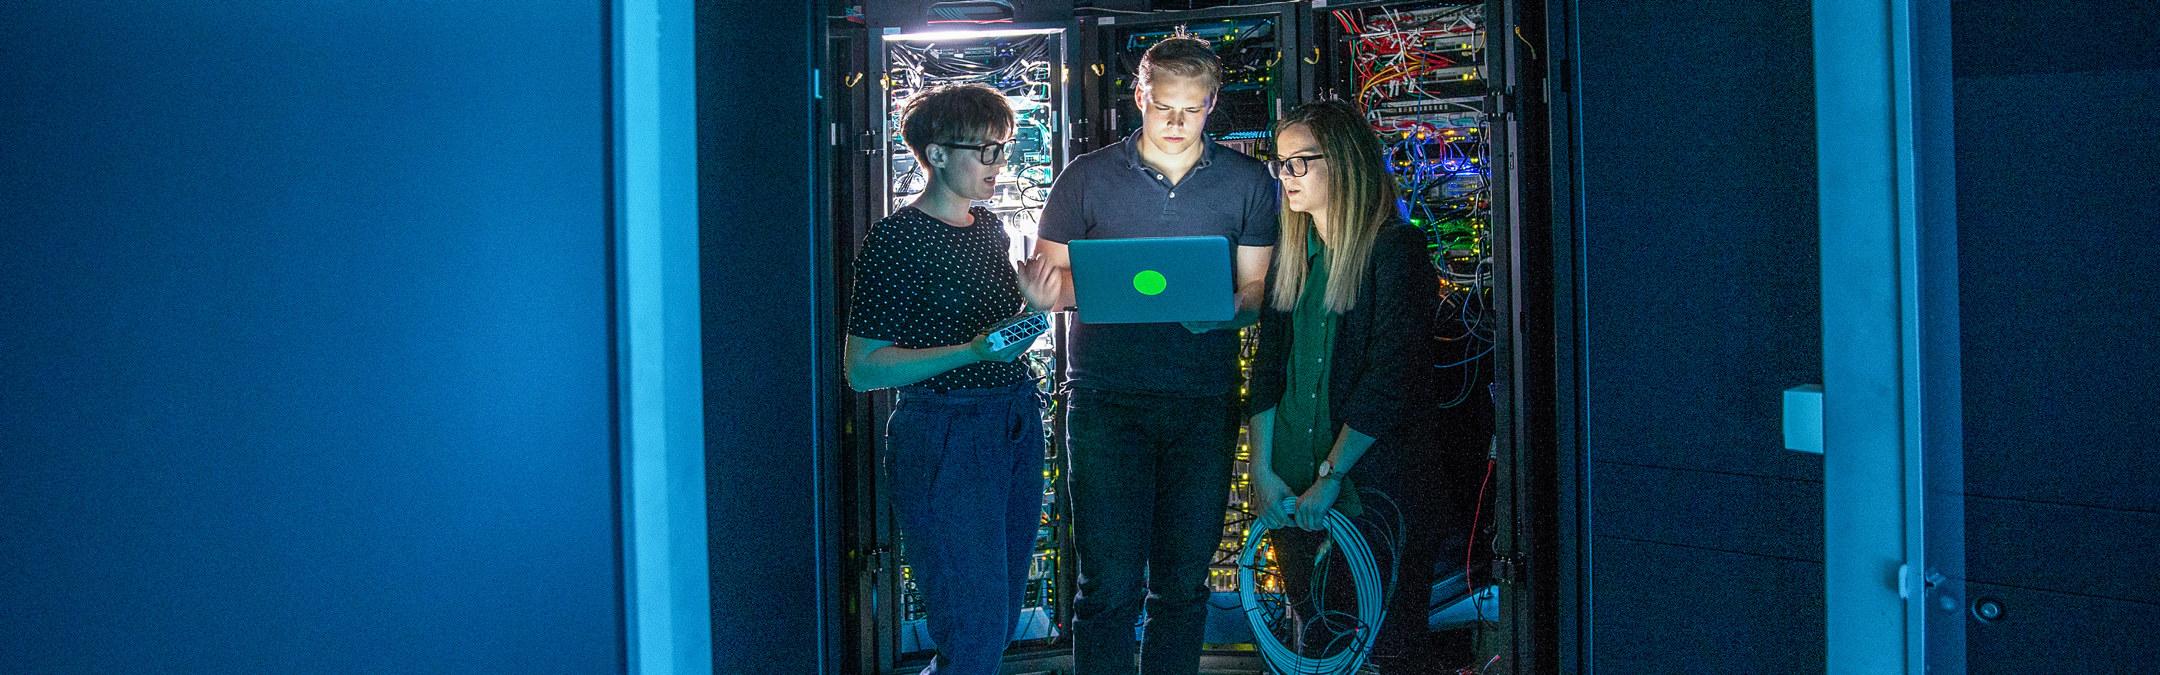 Tre fra IT support jobber i et server rom.